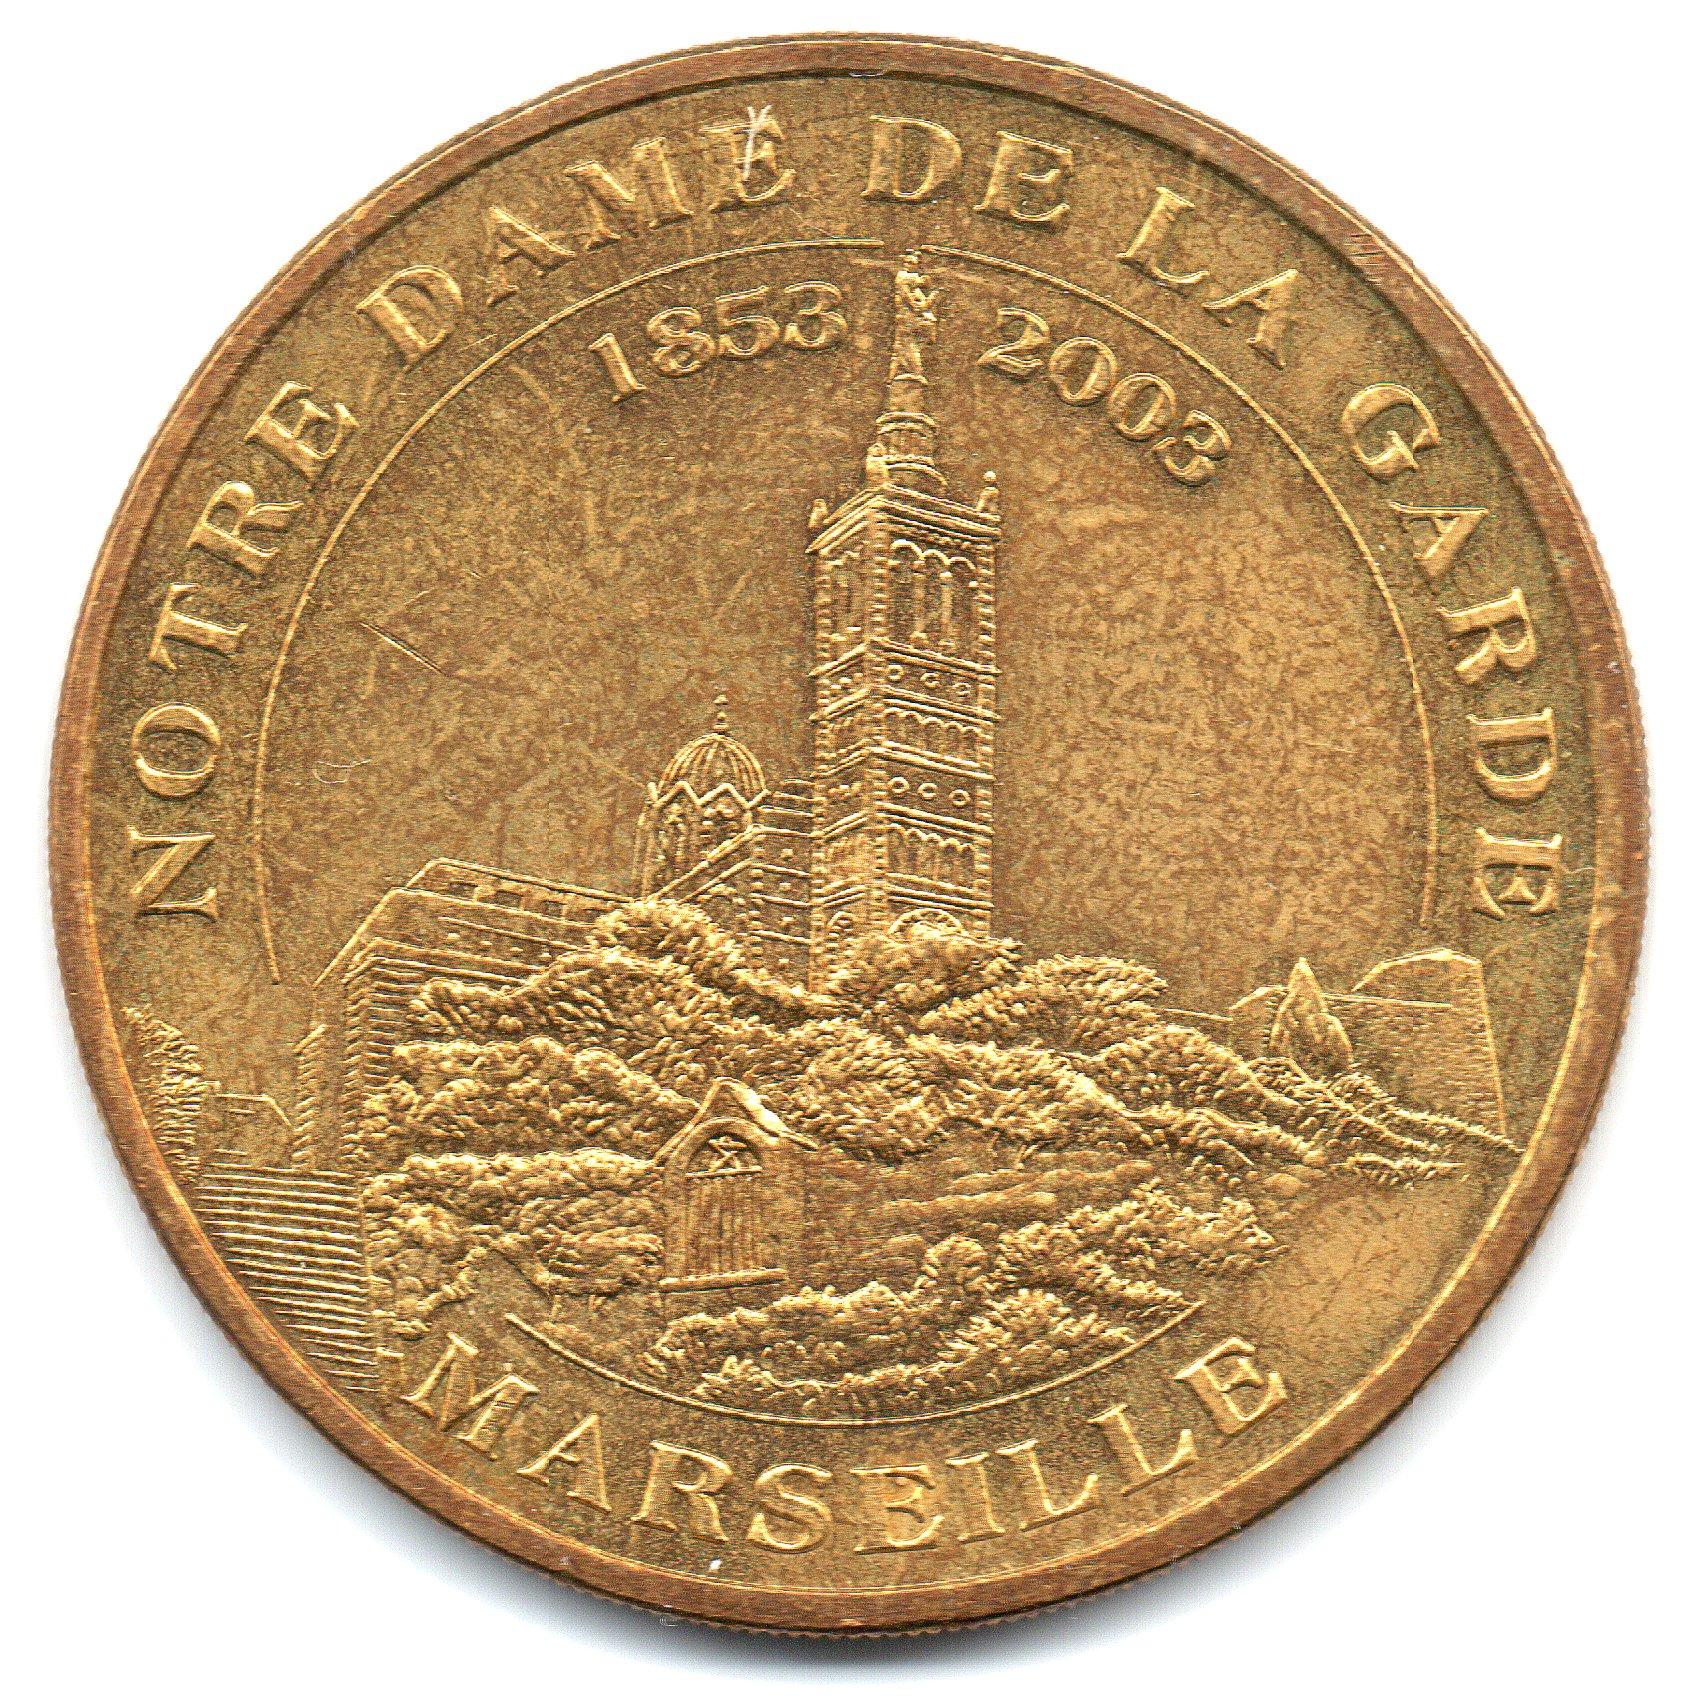 (FMED.Méd.tourist.2004.CuAlNi15.1.sup.000000001) Basilica Our lady De La Garde Obverse (zoom)